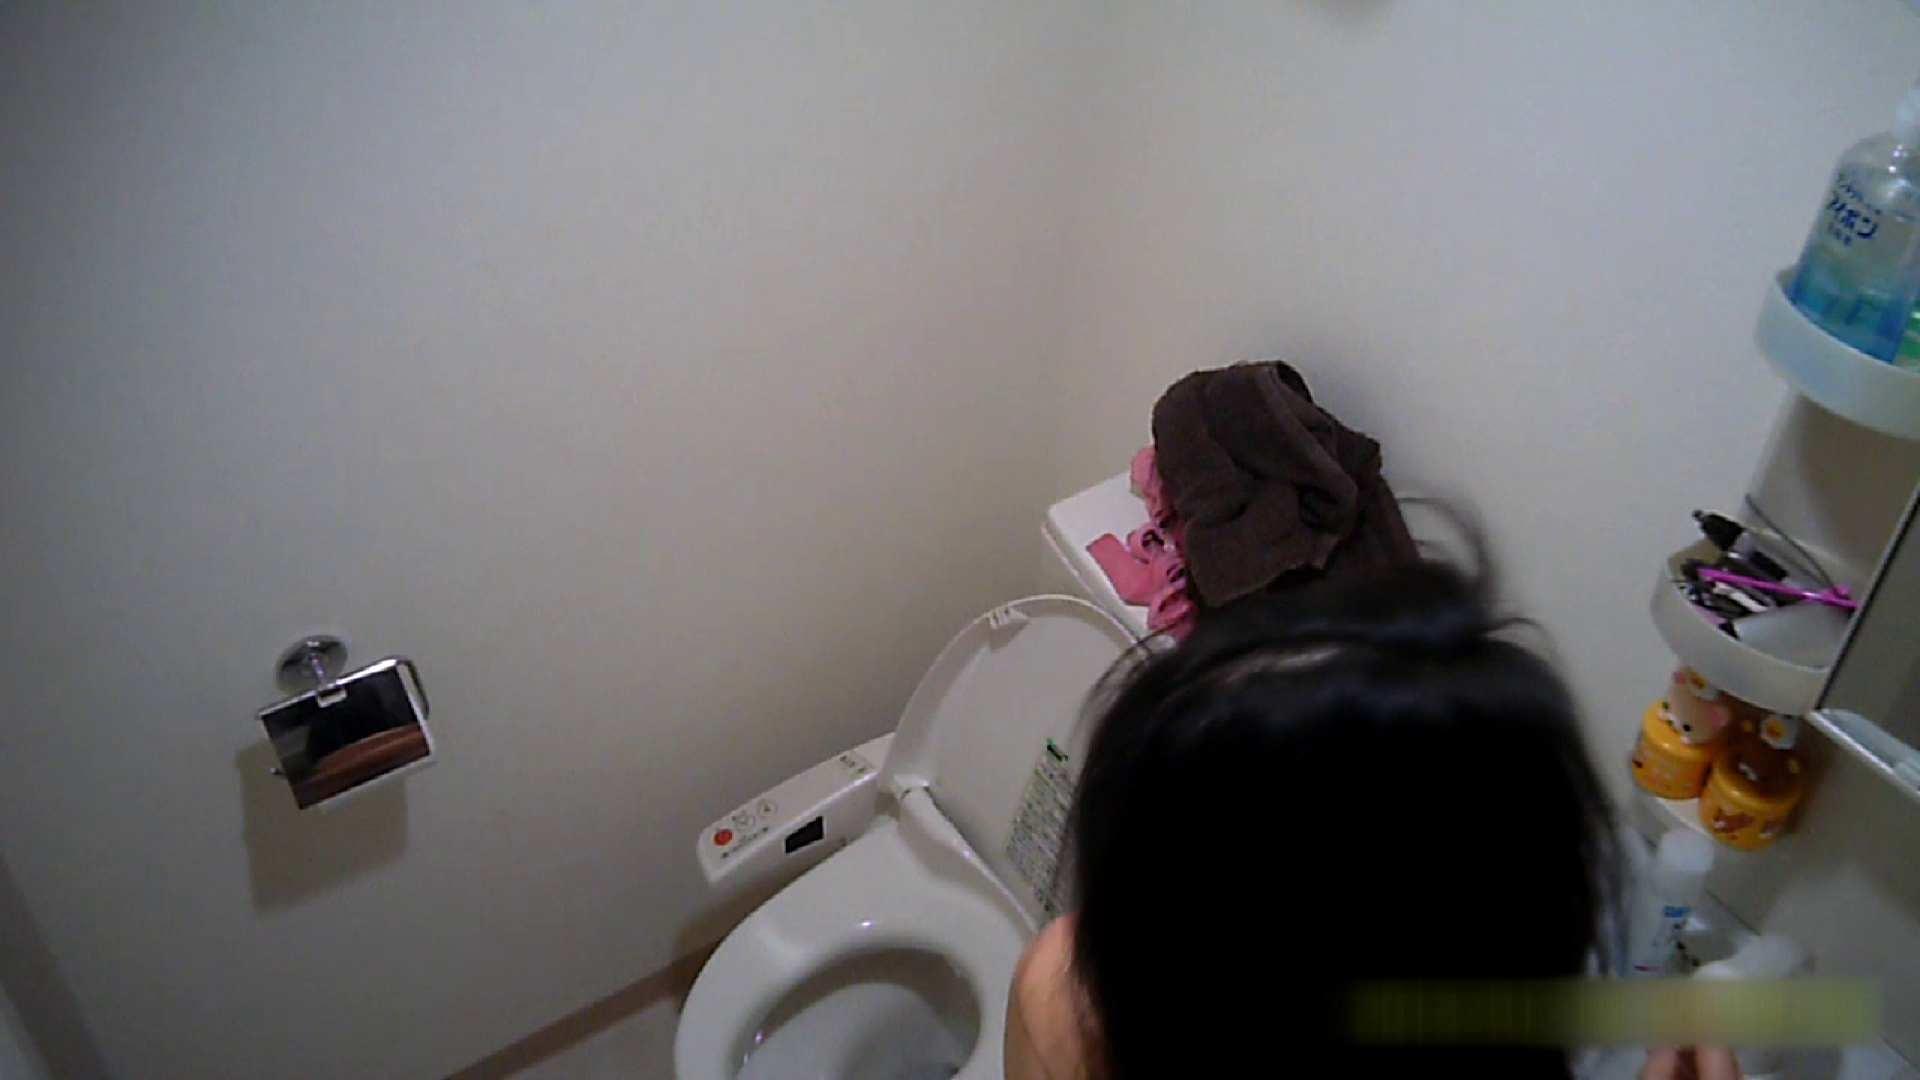 清楚な顔してかなり敏感なE子25歳(仮名)Vol.05 裸でトイレ編 トイレ盗撮 オメコ無修正動画無料 90枚 20